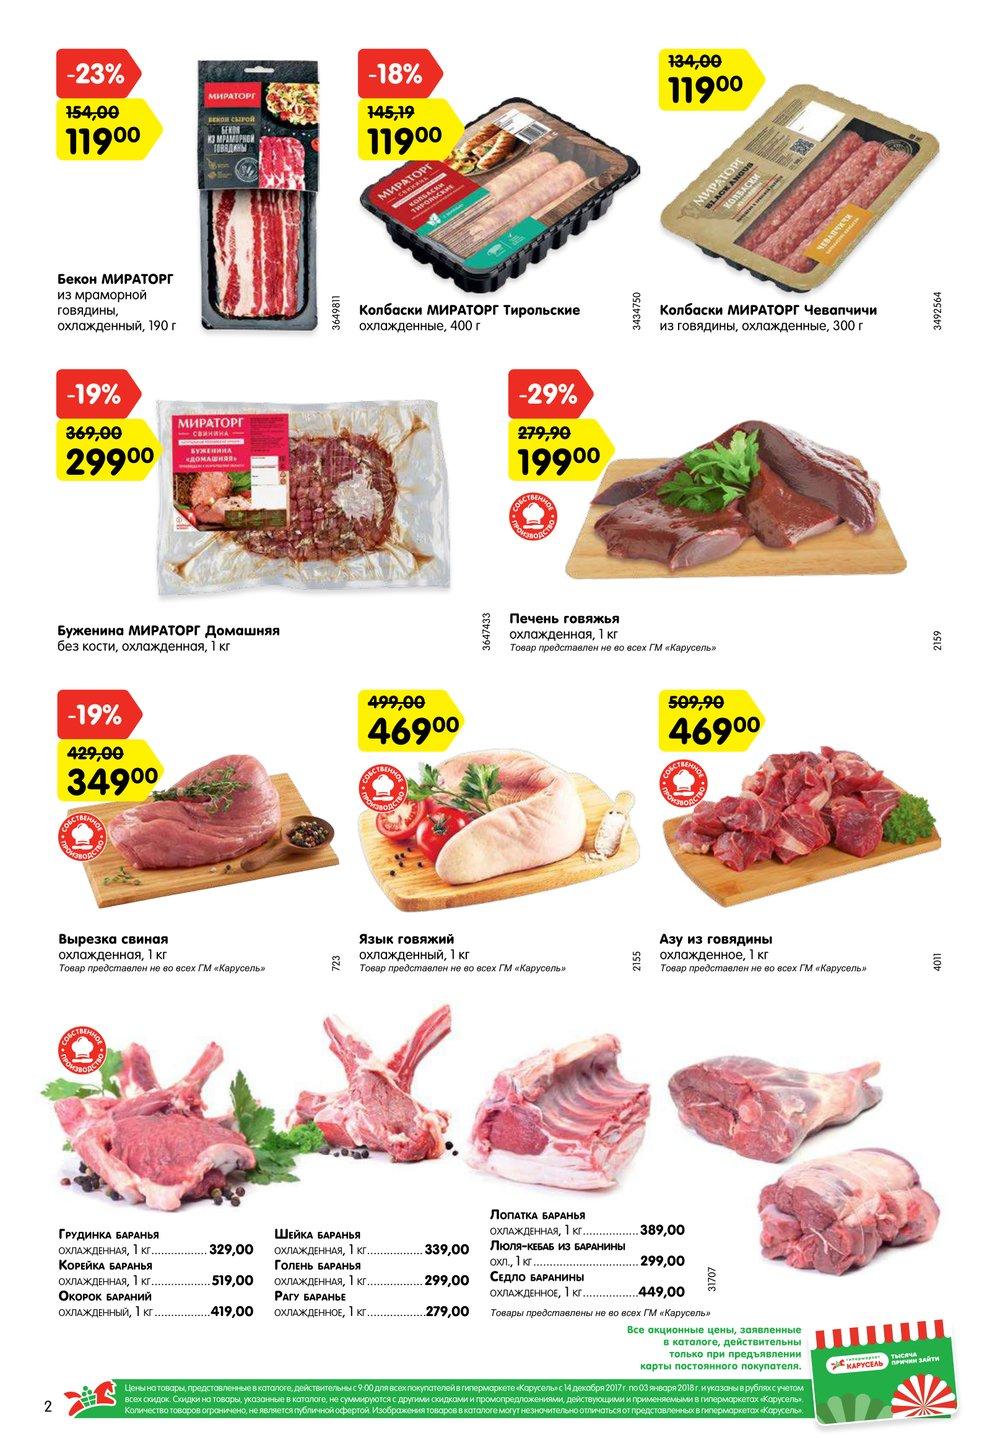 Каталог акций Карусель с 14 декабря 2017 по 3 января 2018 - стр. 2